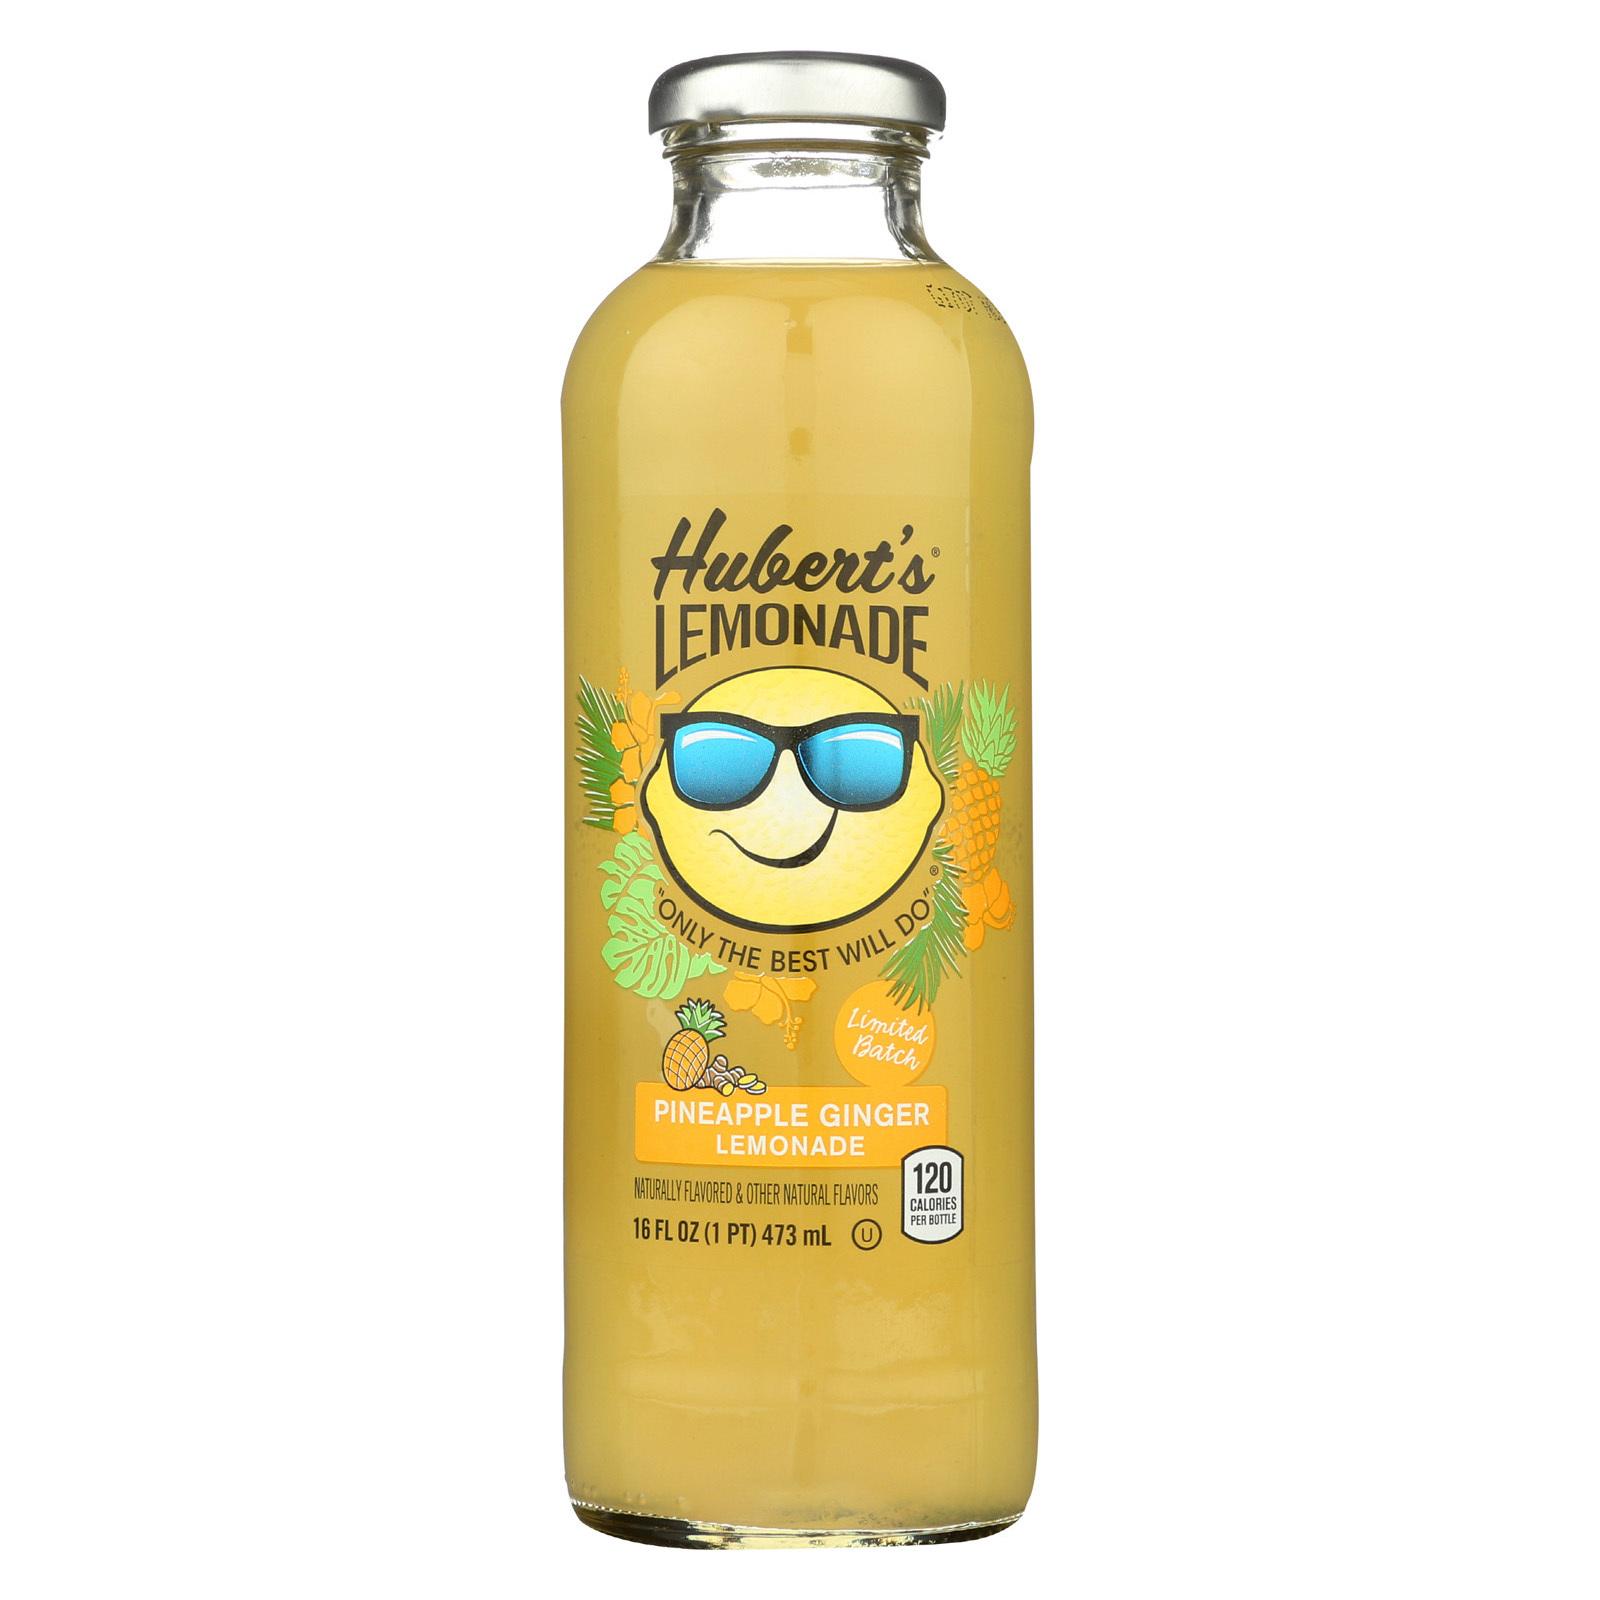 Hubert's Lemonade Pineapple Ginger, 16 fl oz